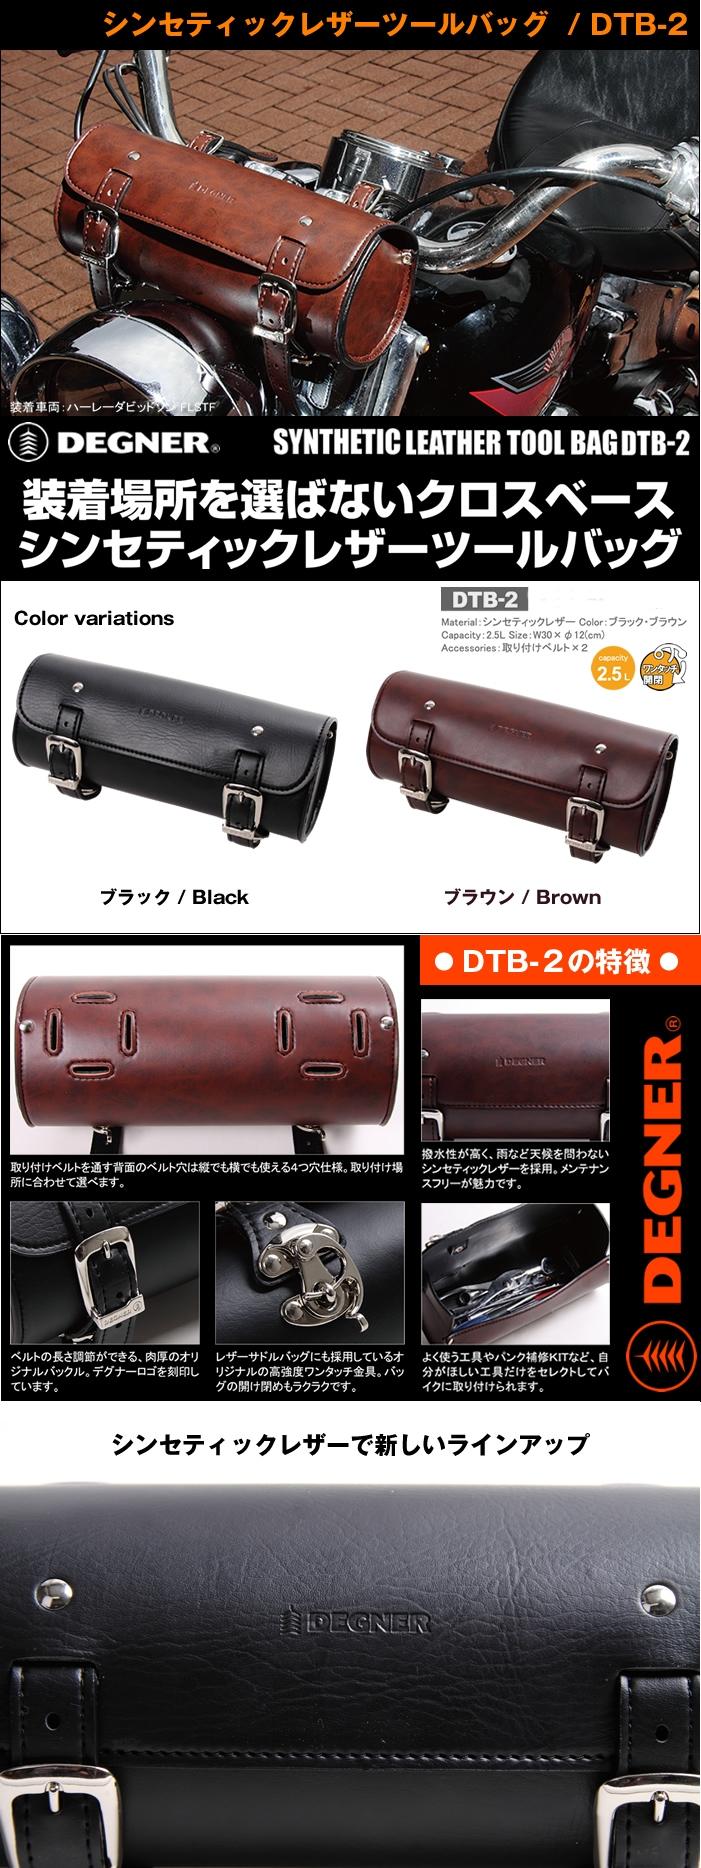 シンセティックレザー バイク 取付 ツーリング ツールバッグ バッグ ツール 道具 デグナー DEGNER